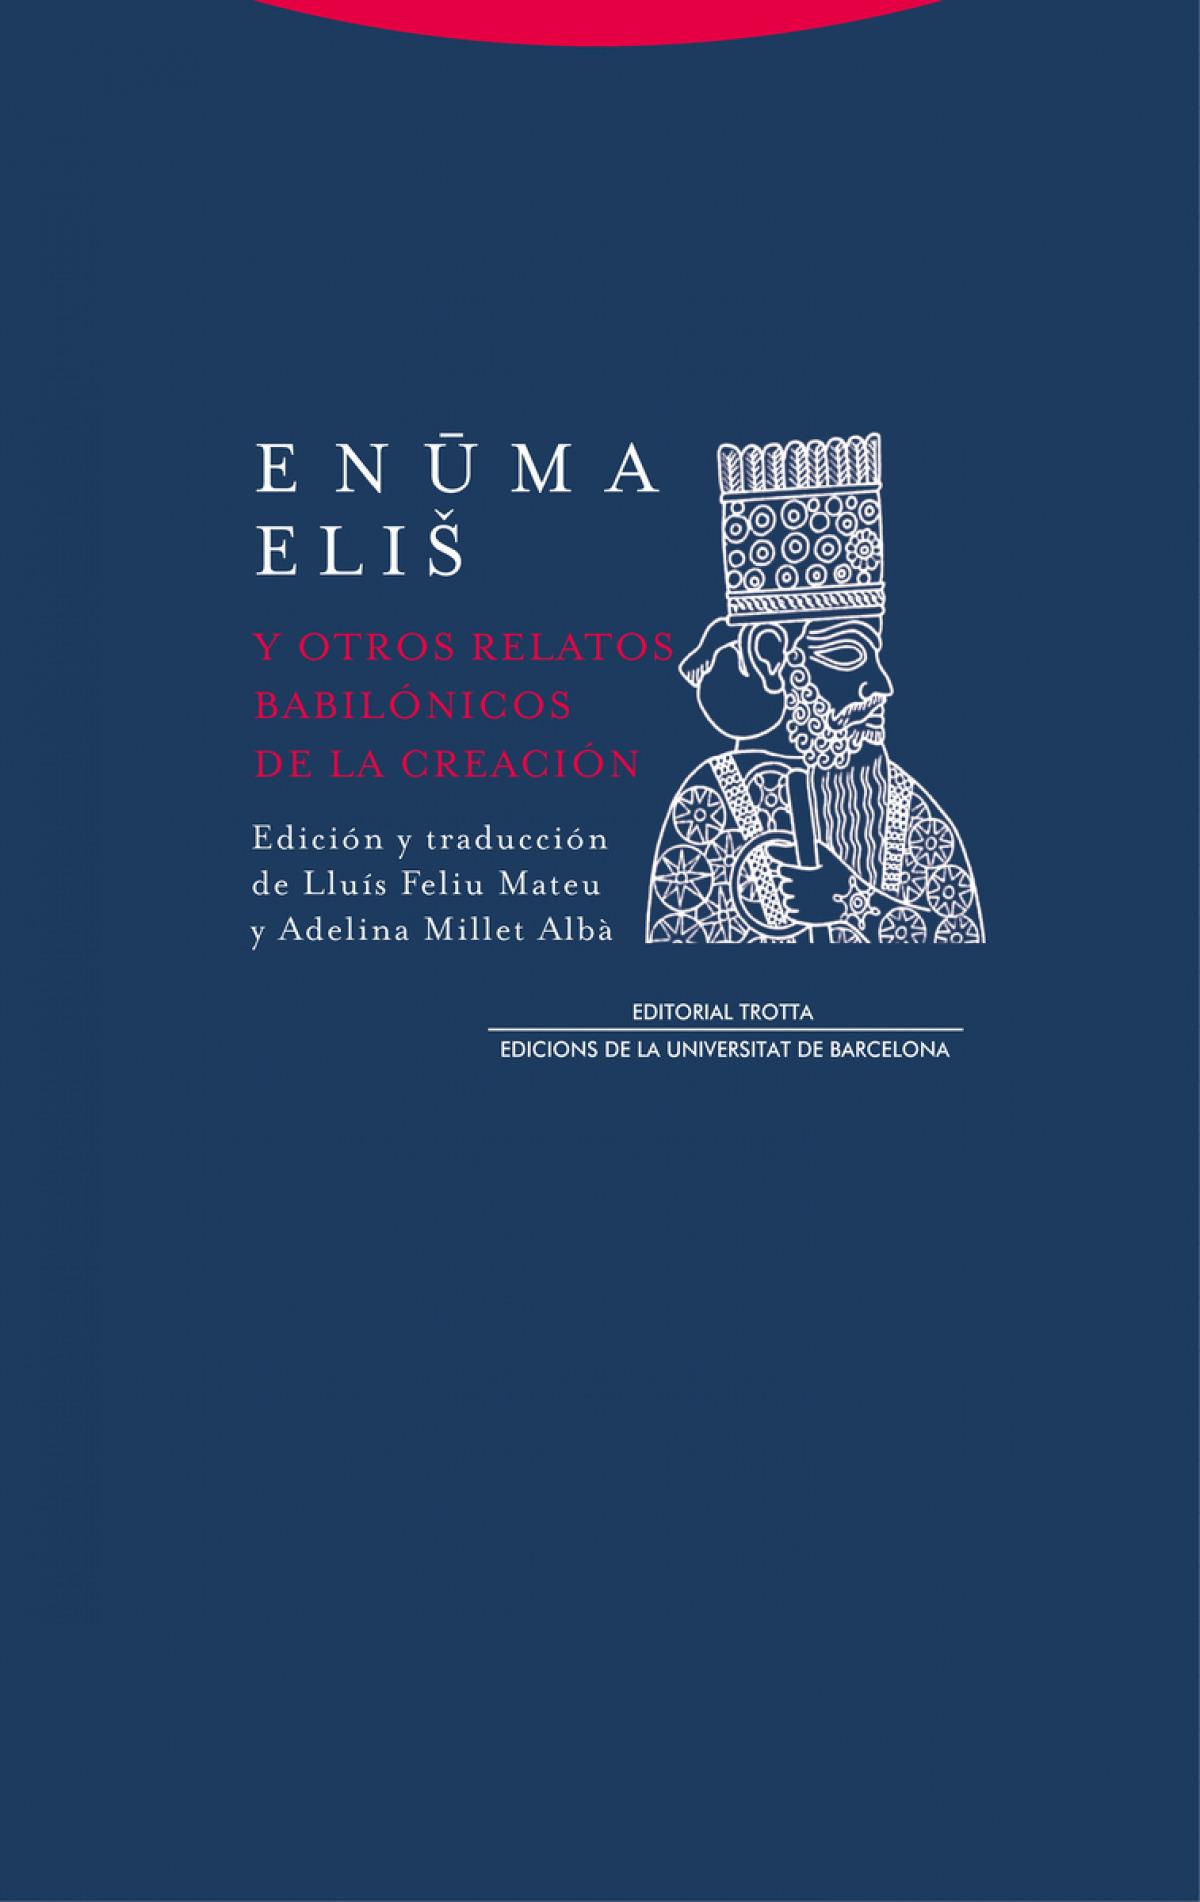 Enuma eliÜ y otros relatos babilónicos de la Creación (NE)